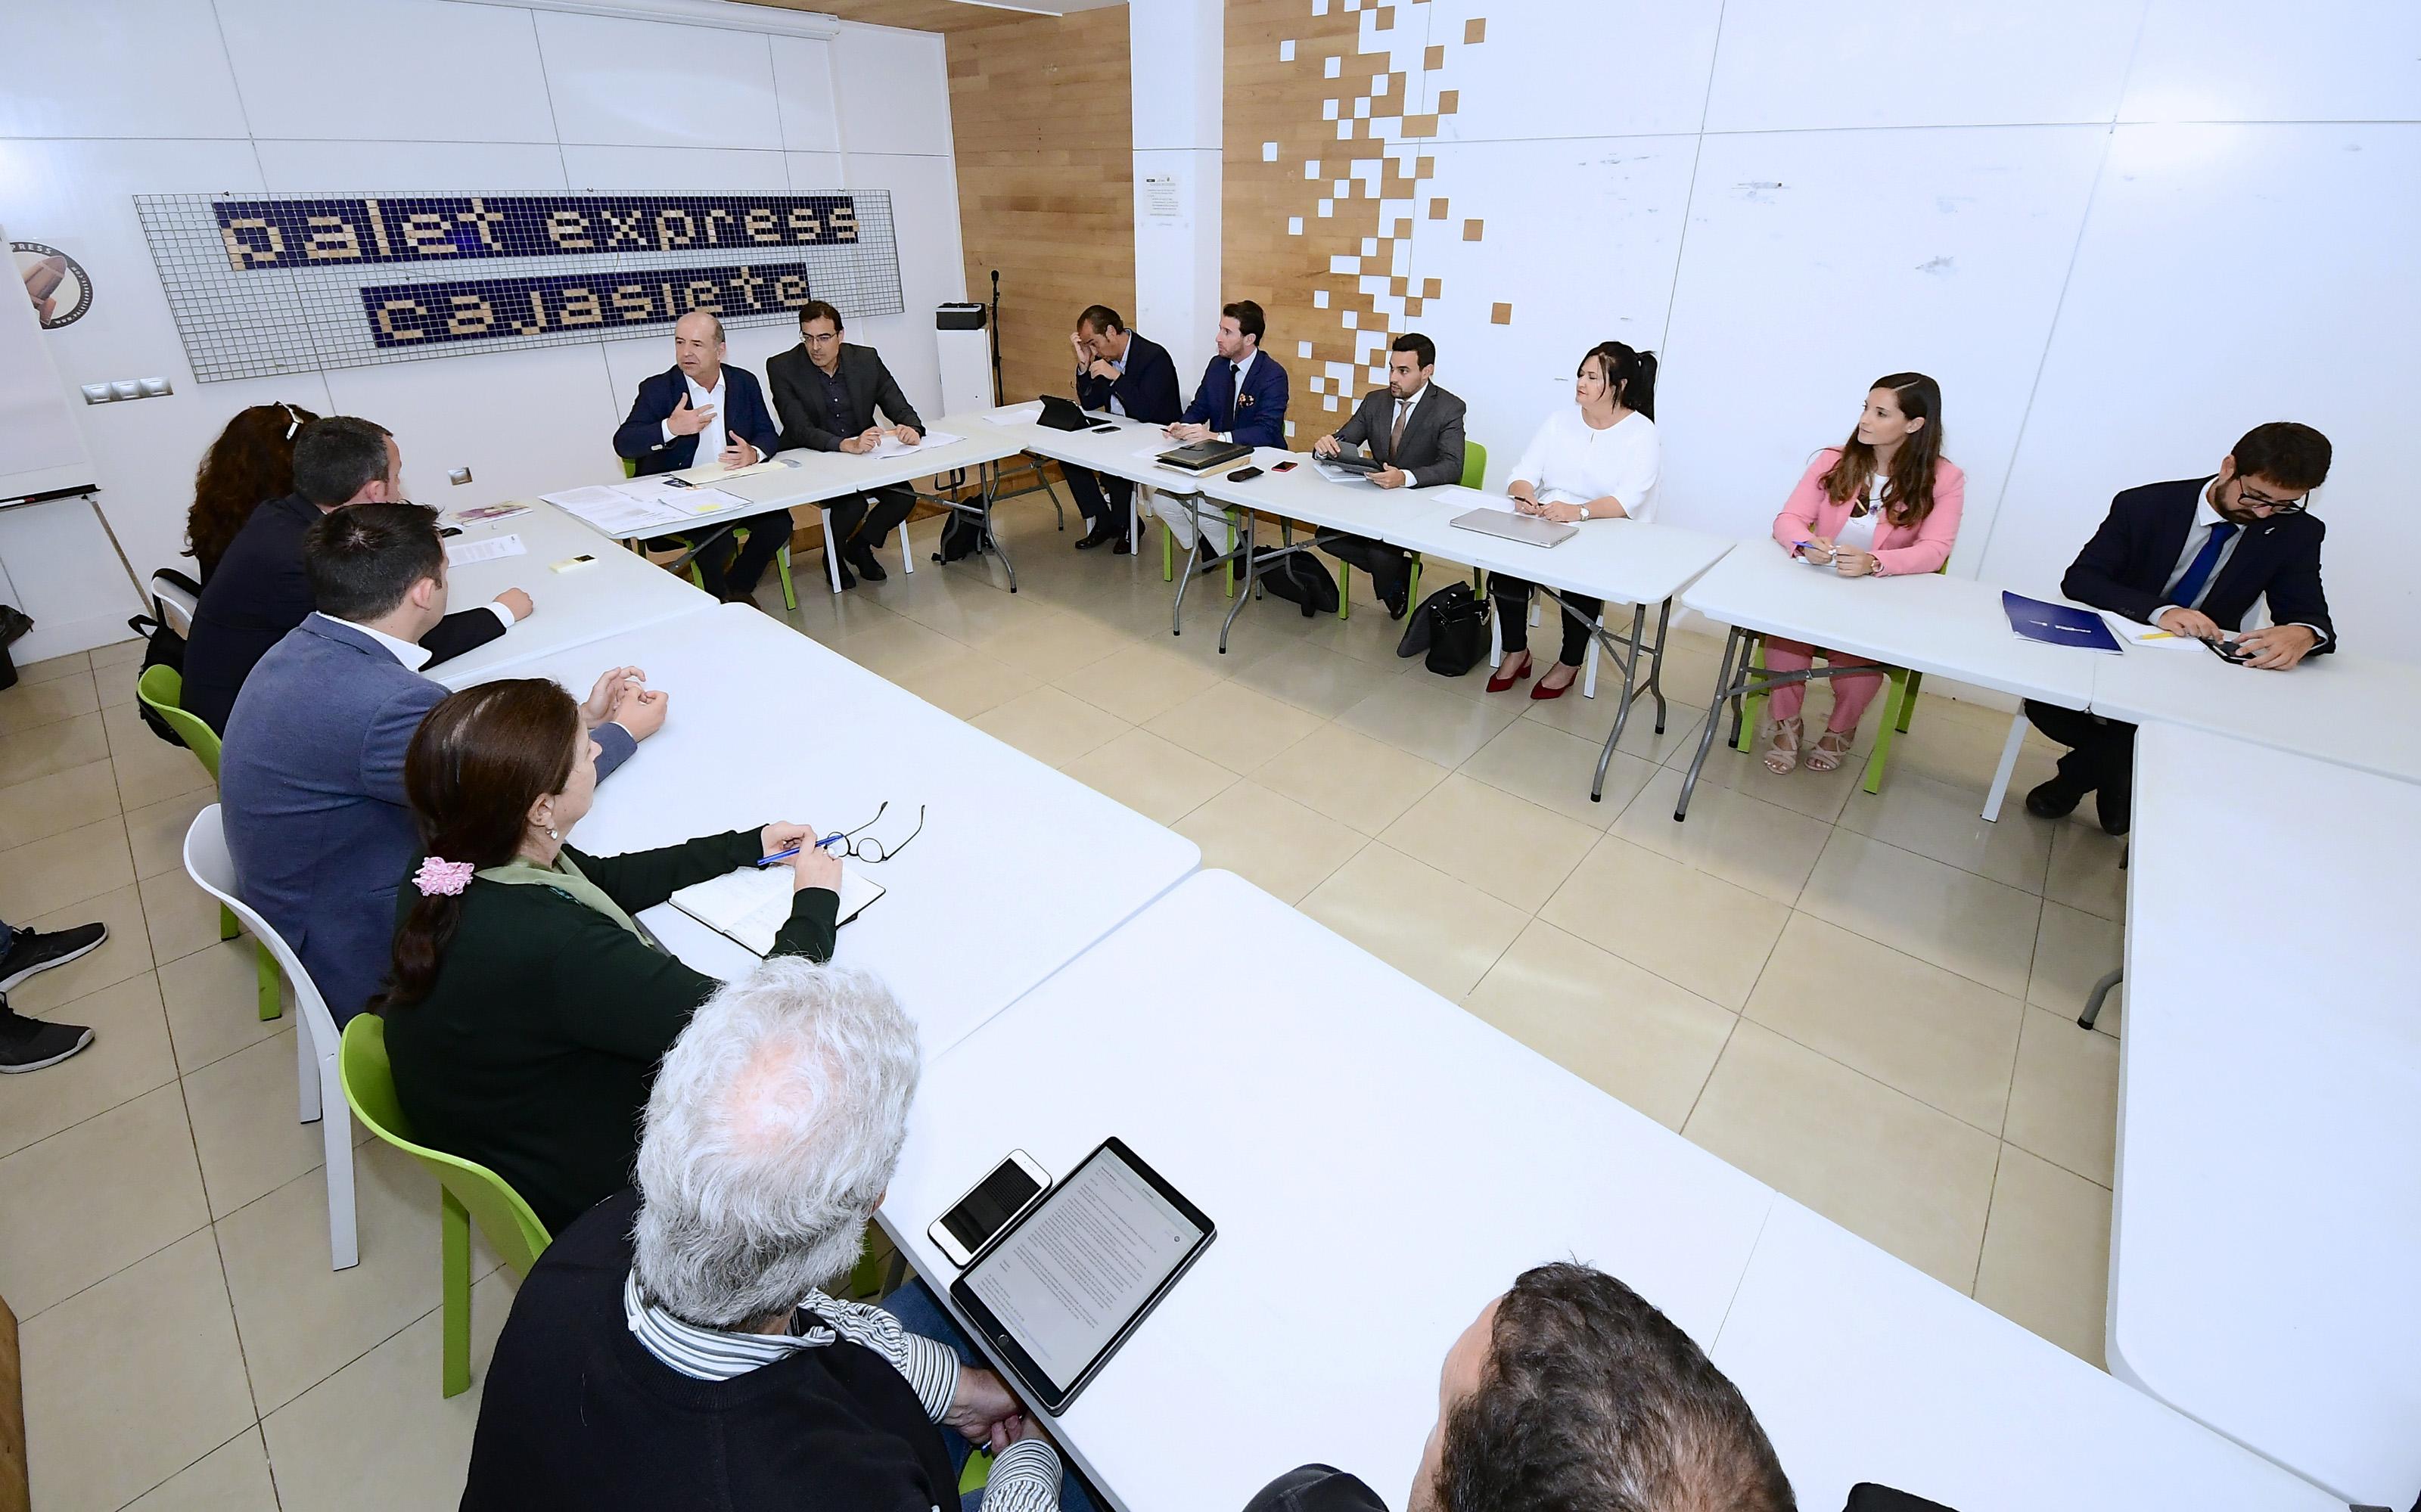 Reunión de Pedro Ortega con empresas de consultoría, ingeniería y arquitectura de Canarias que han trabajado en África y América.